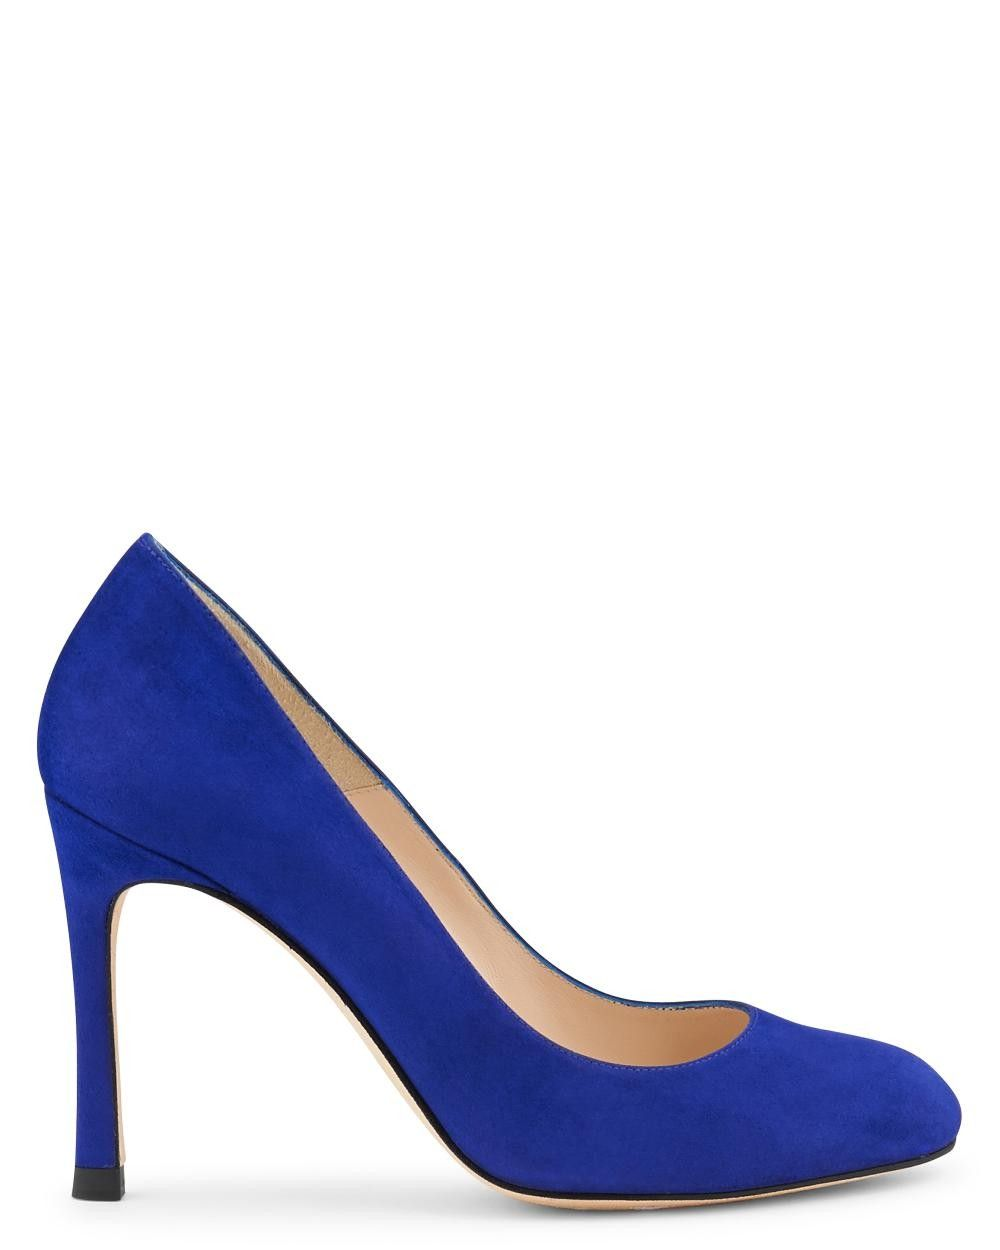 Chaussures femme escarpin classique High Heels noir 39 zRDk9S